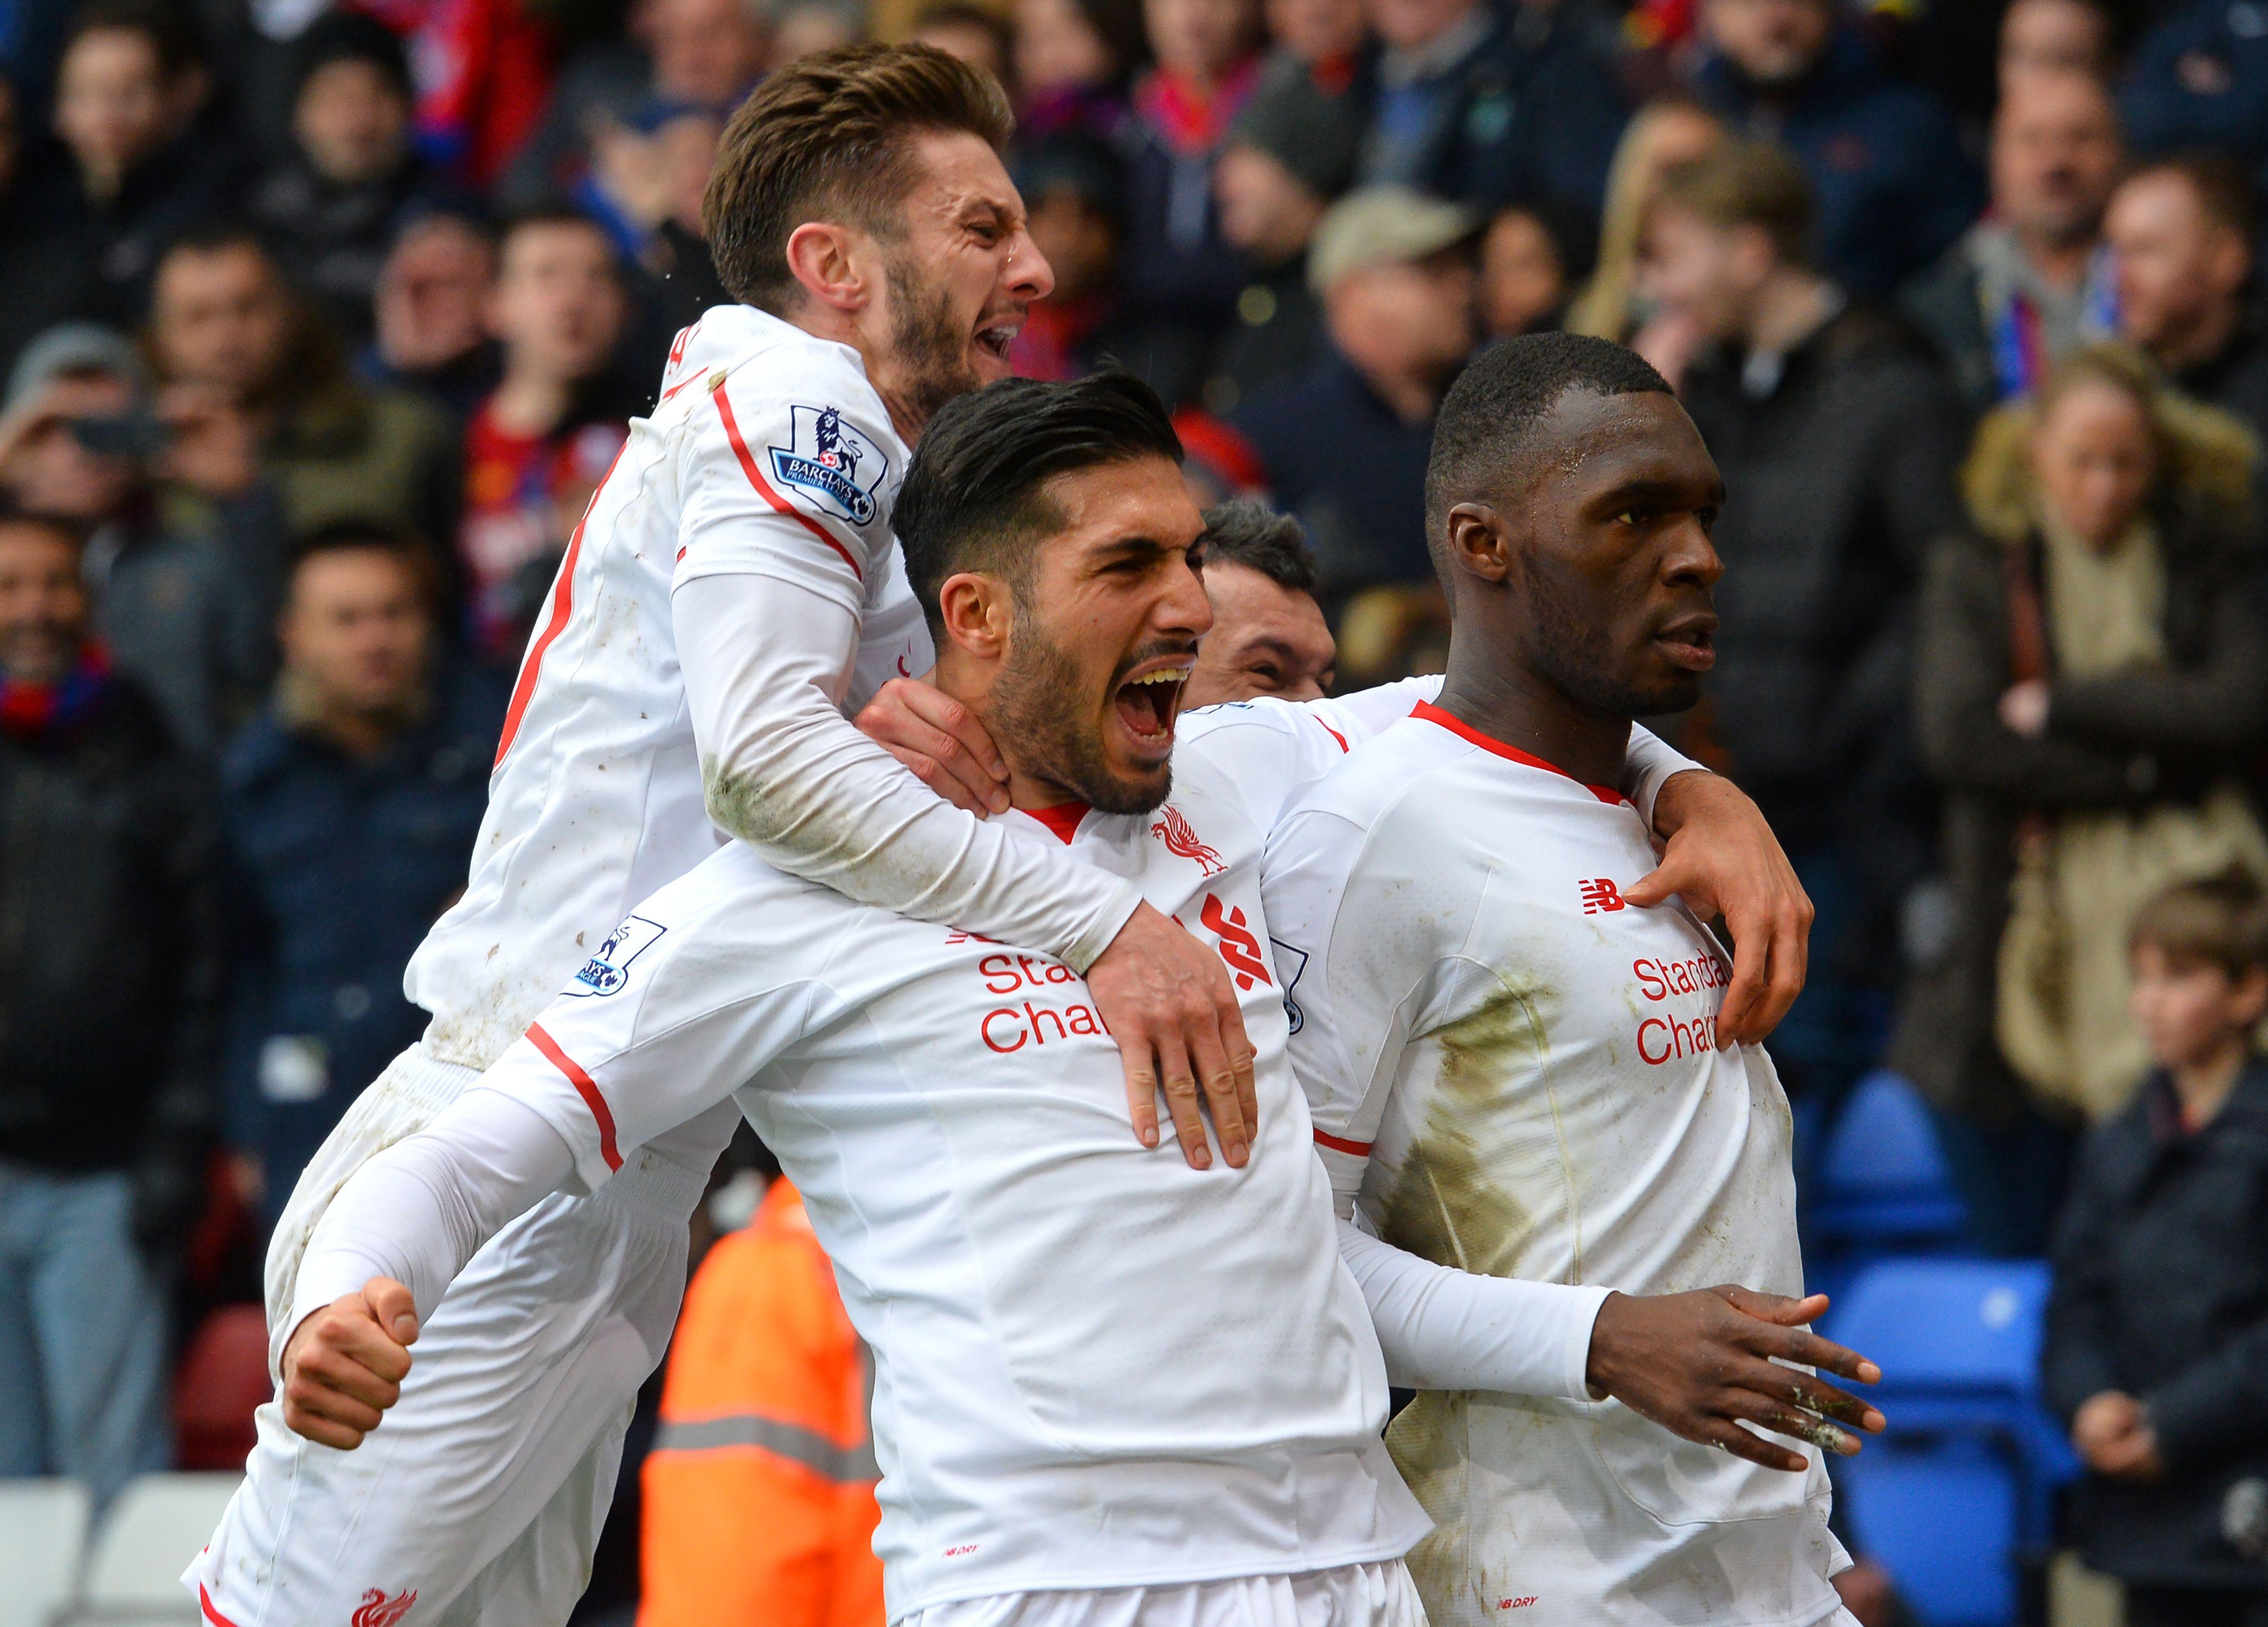 I giocatori del Liverpool esultano dopo il gol decisivo di Benteke del 2-1 contro il Crystal Palace